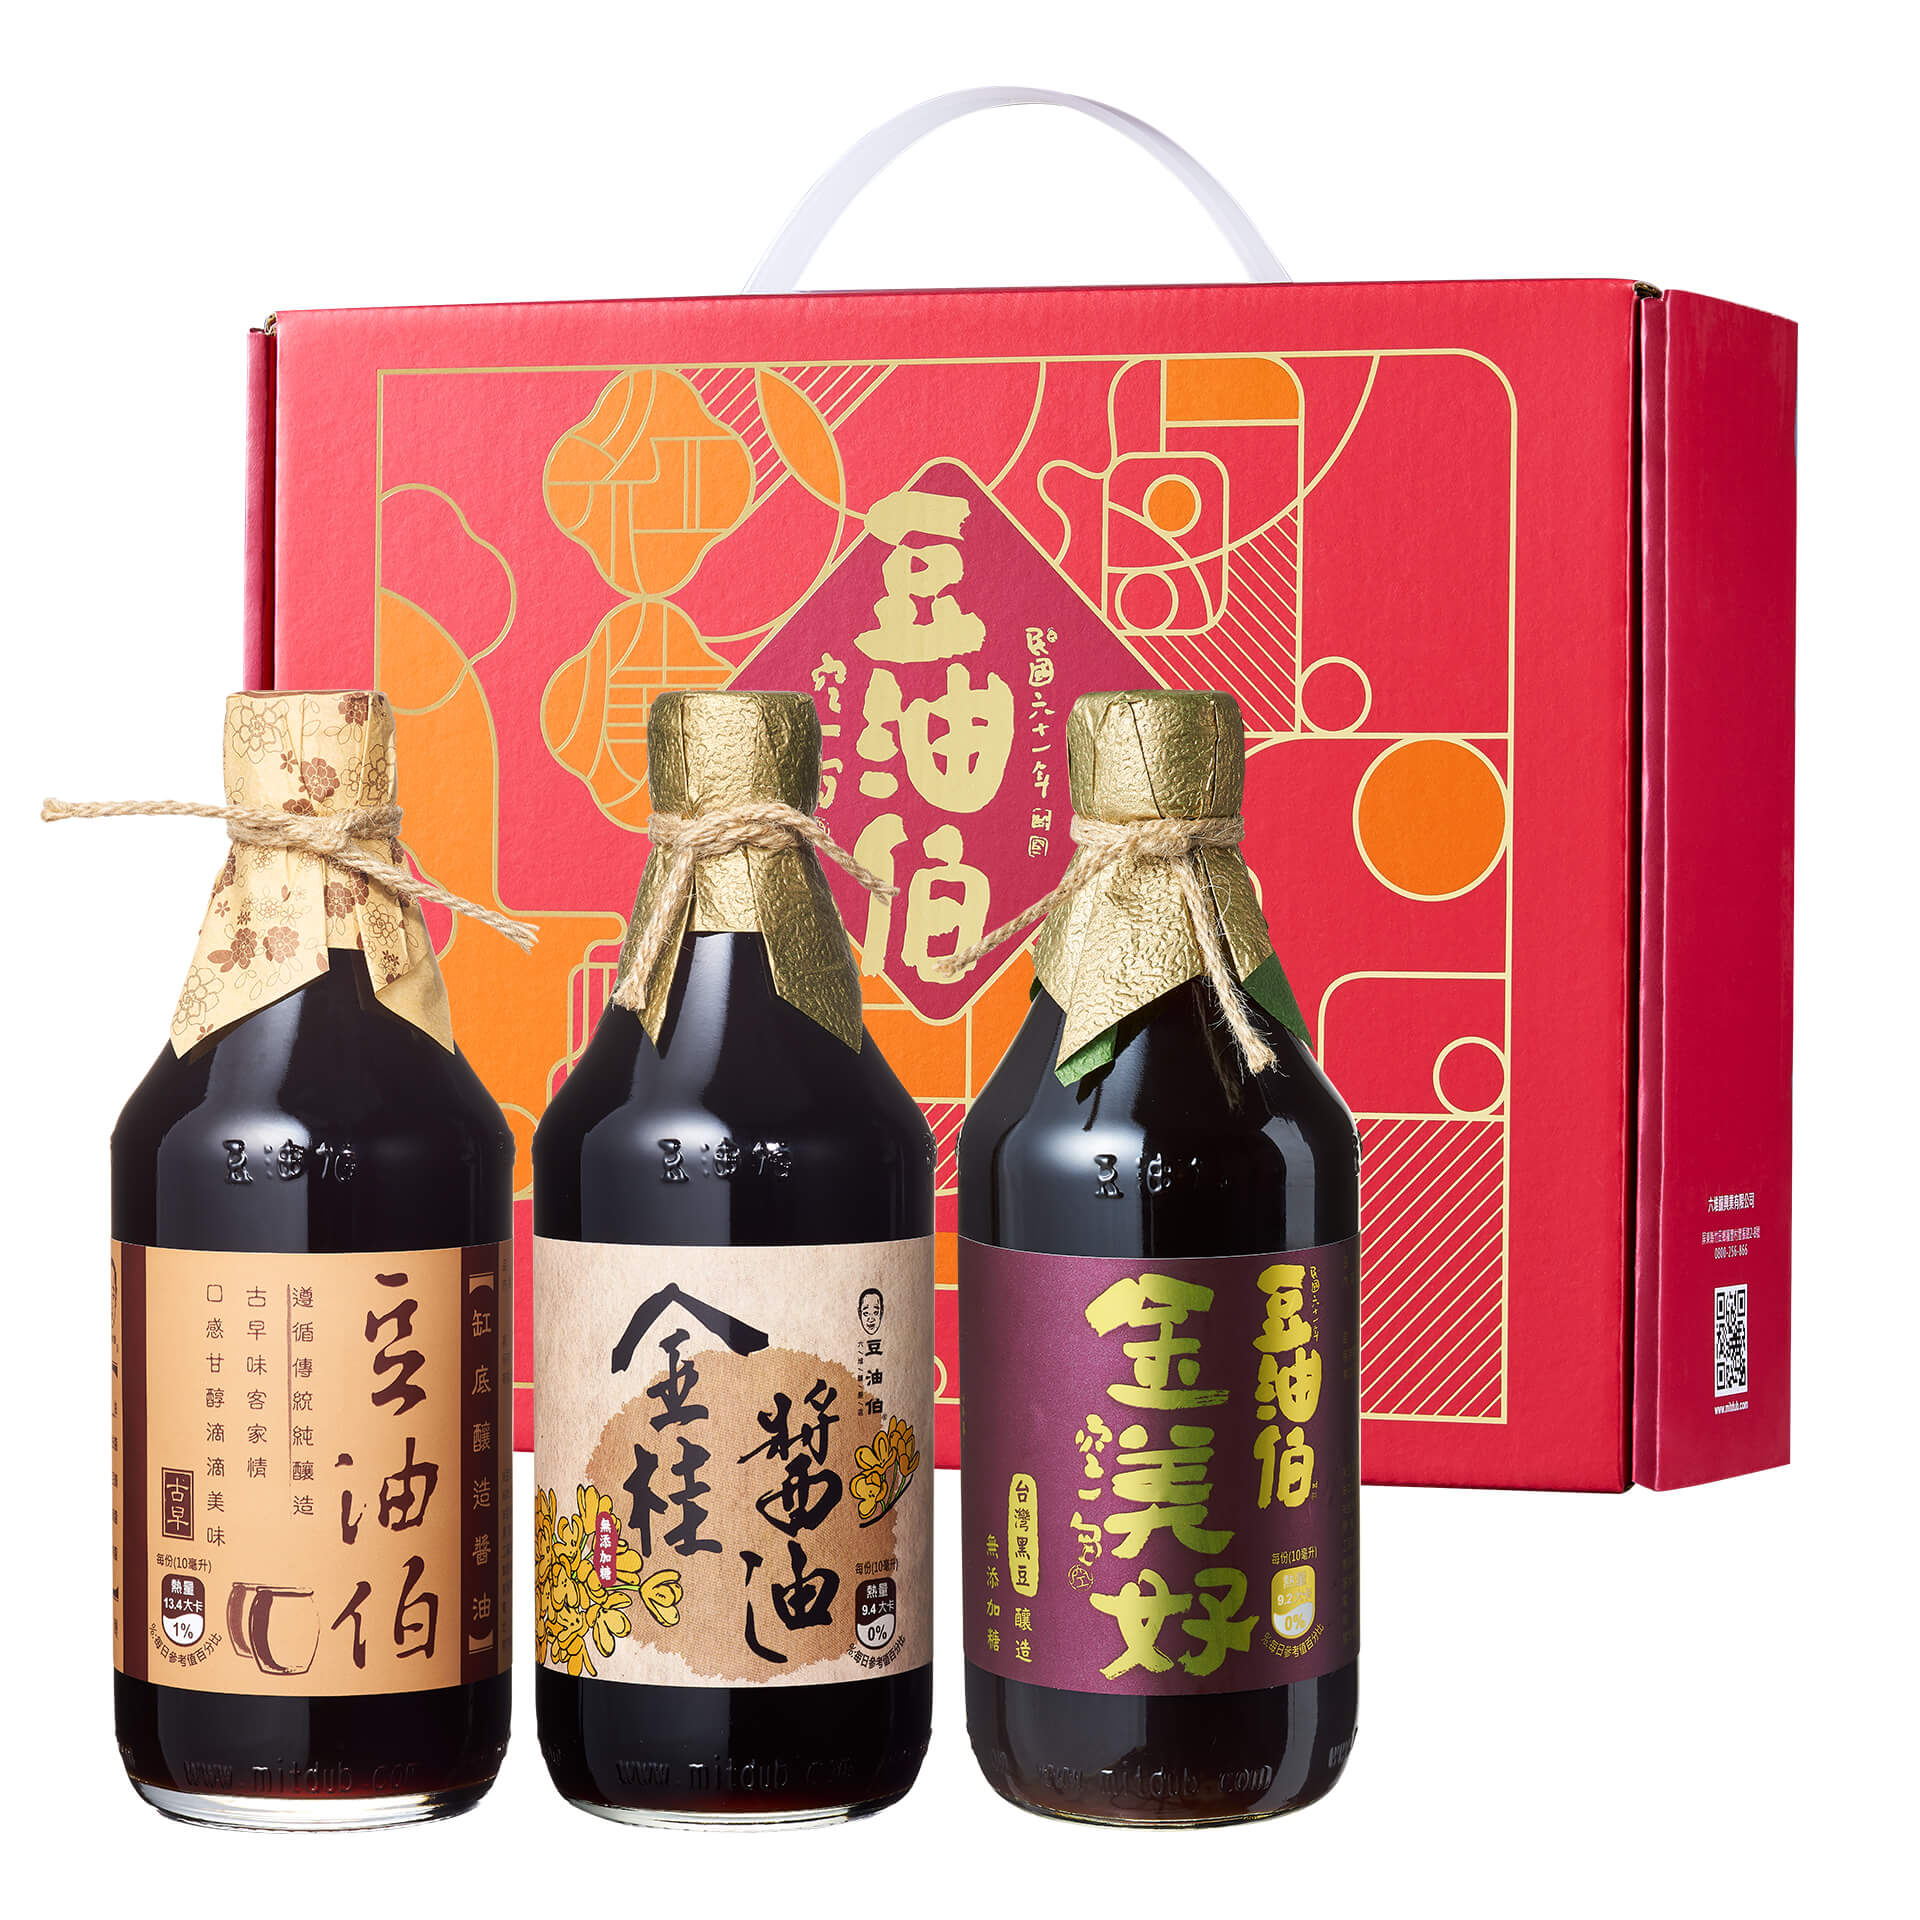 【中秋禮盒】金桂醬油1入+缸底醬油1入+金美好醬油1入(窗花禮盒1組,共3入)(不挑色)